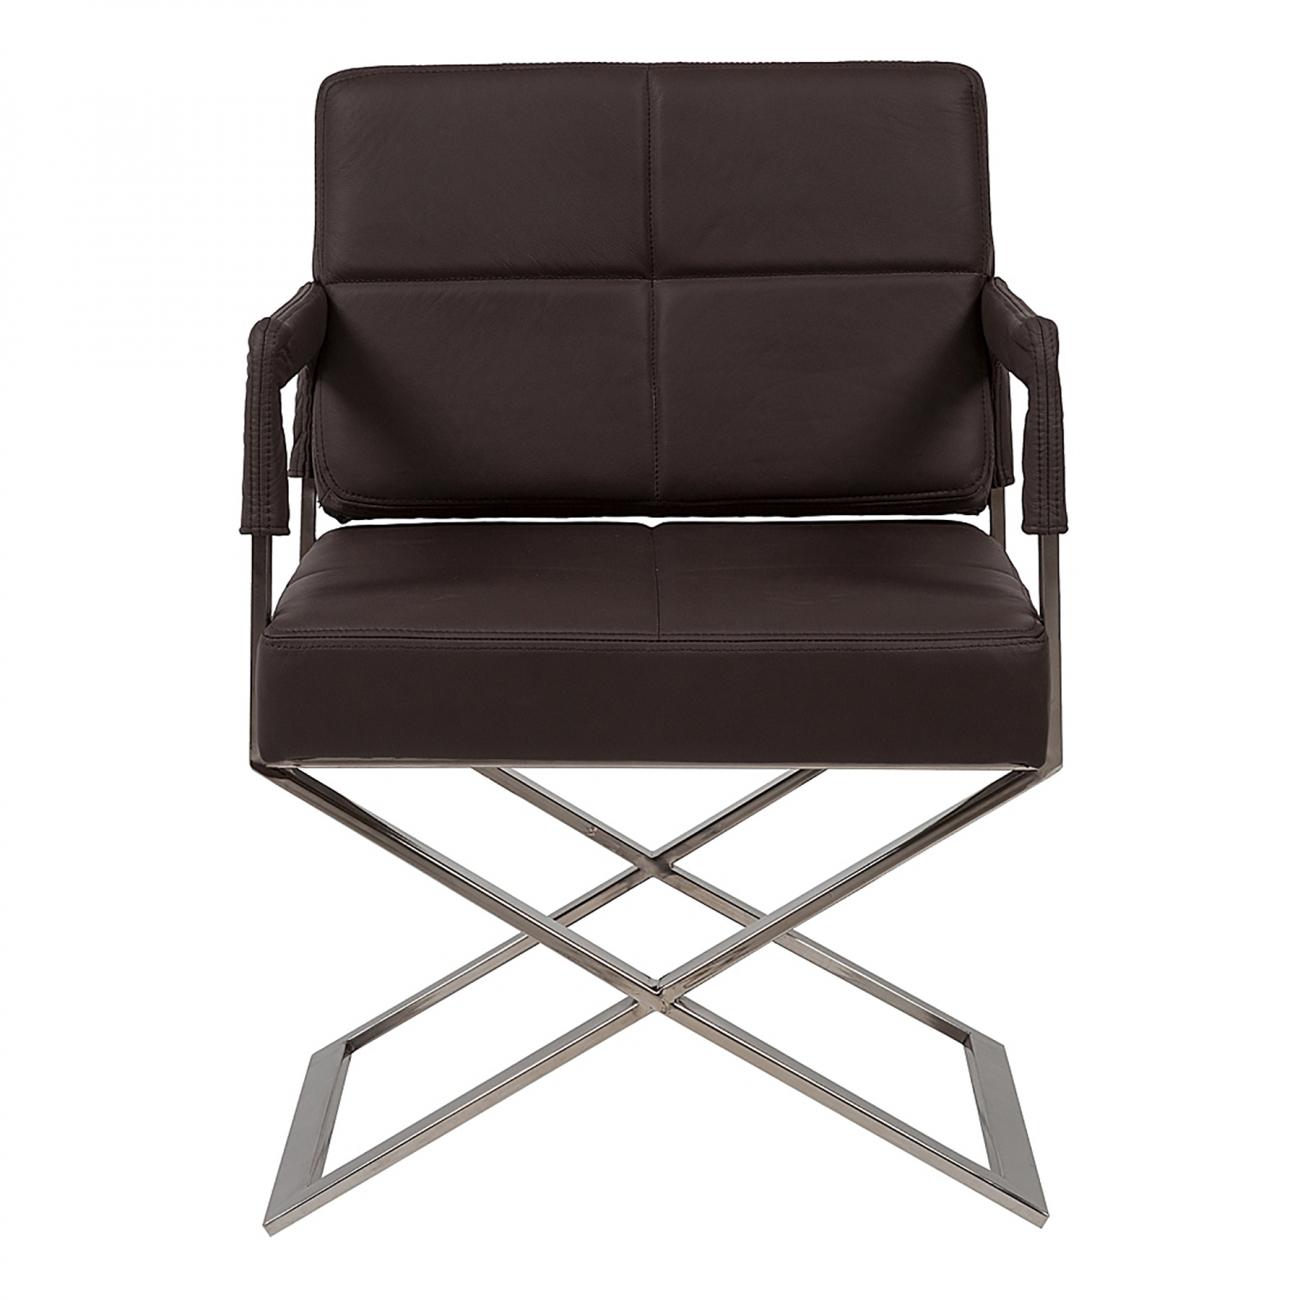 Купить Кресло Aster X Chair Темно-коричневая Кожа Класса Премиум в интернет магазине дизайнерской мебели и аксессуаров для дома и дачи